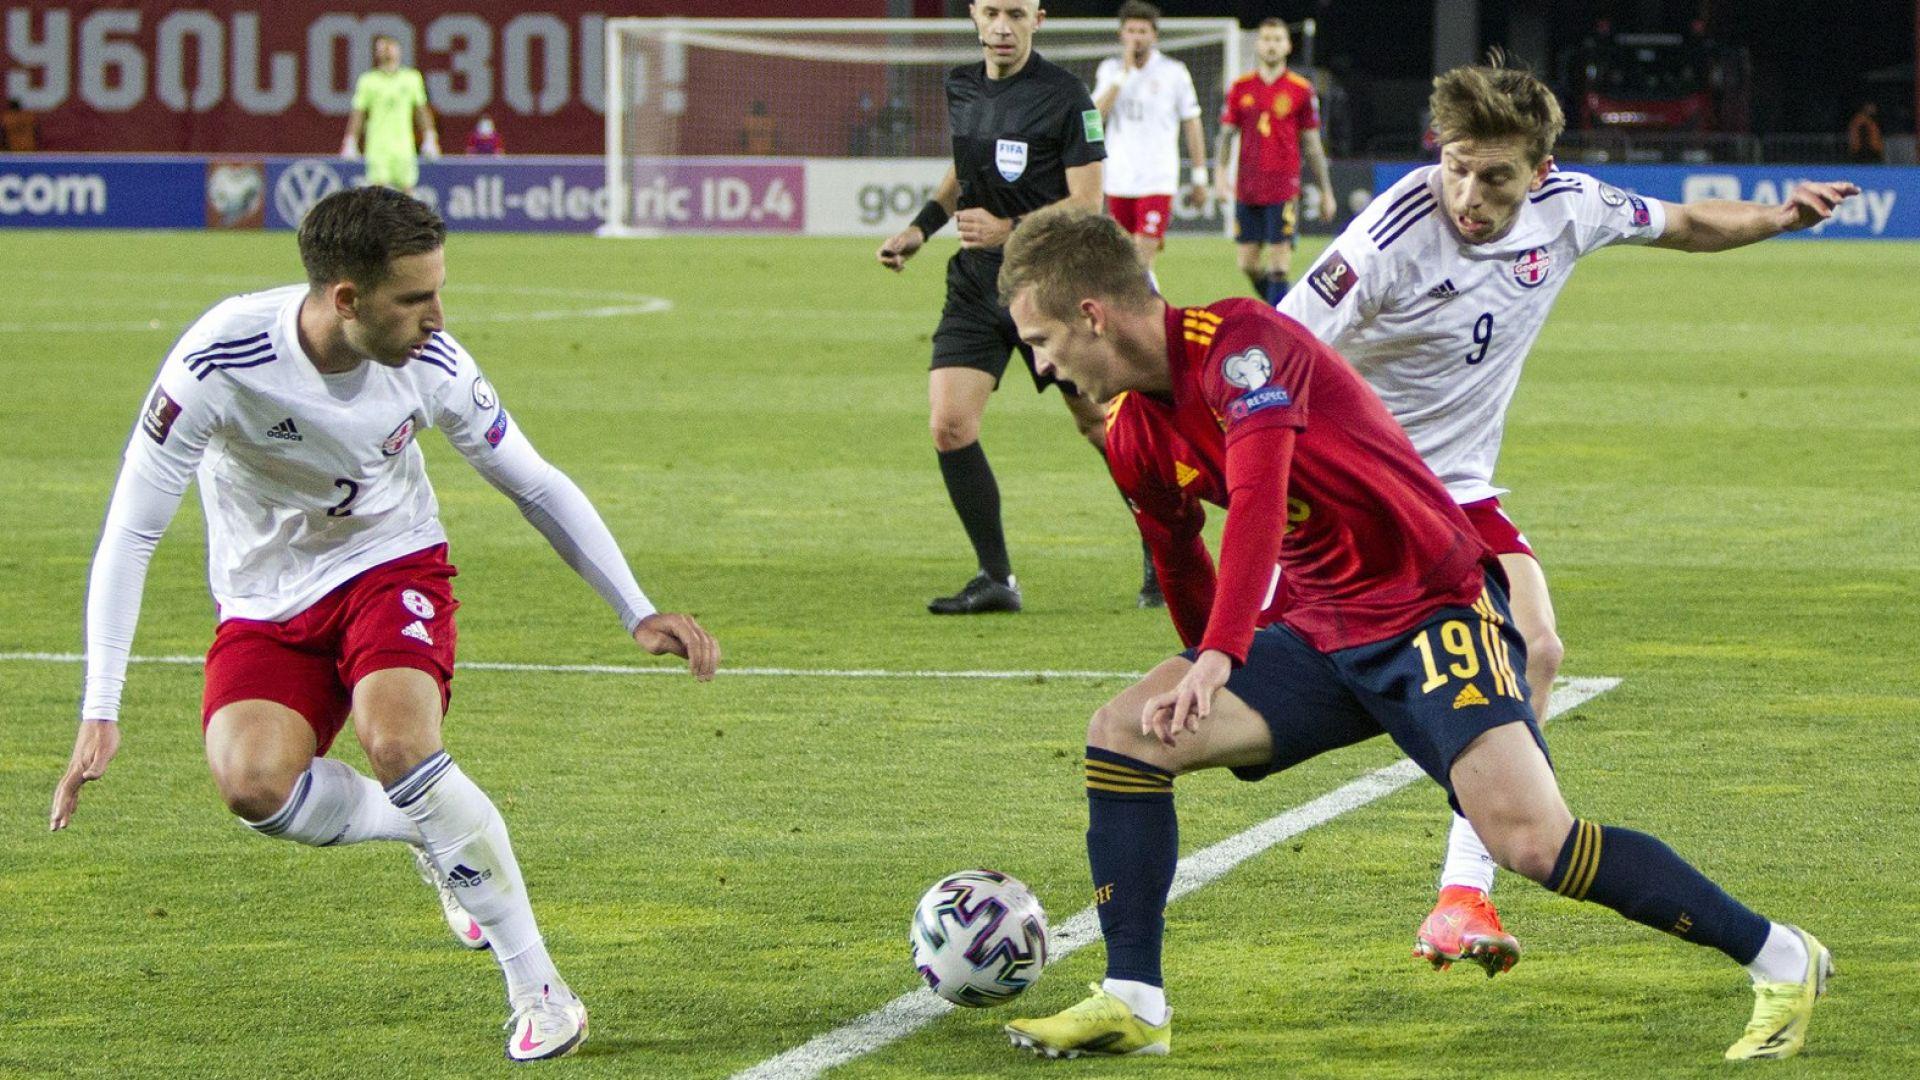 Испания продължава да играе слабо, този път се спаси (резултати)